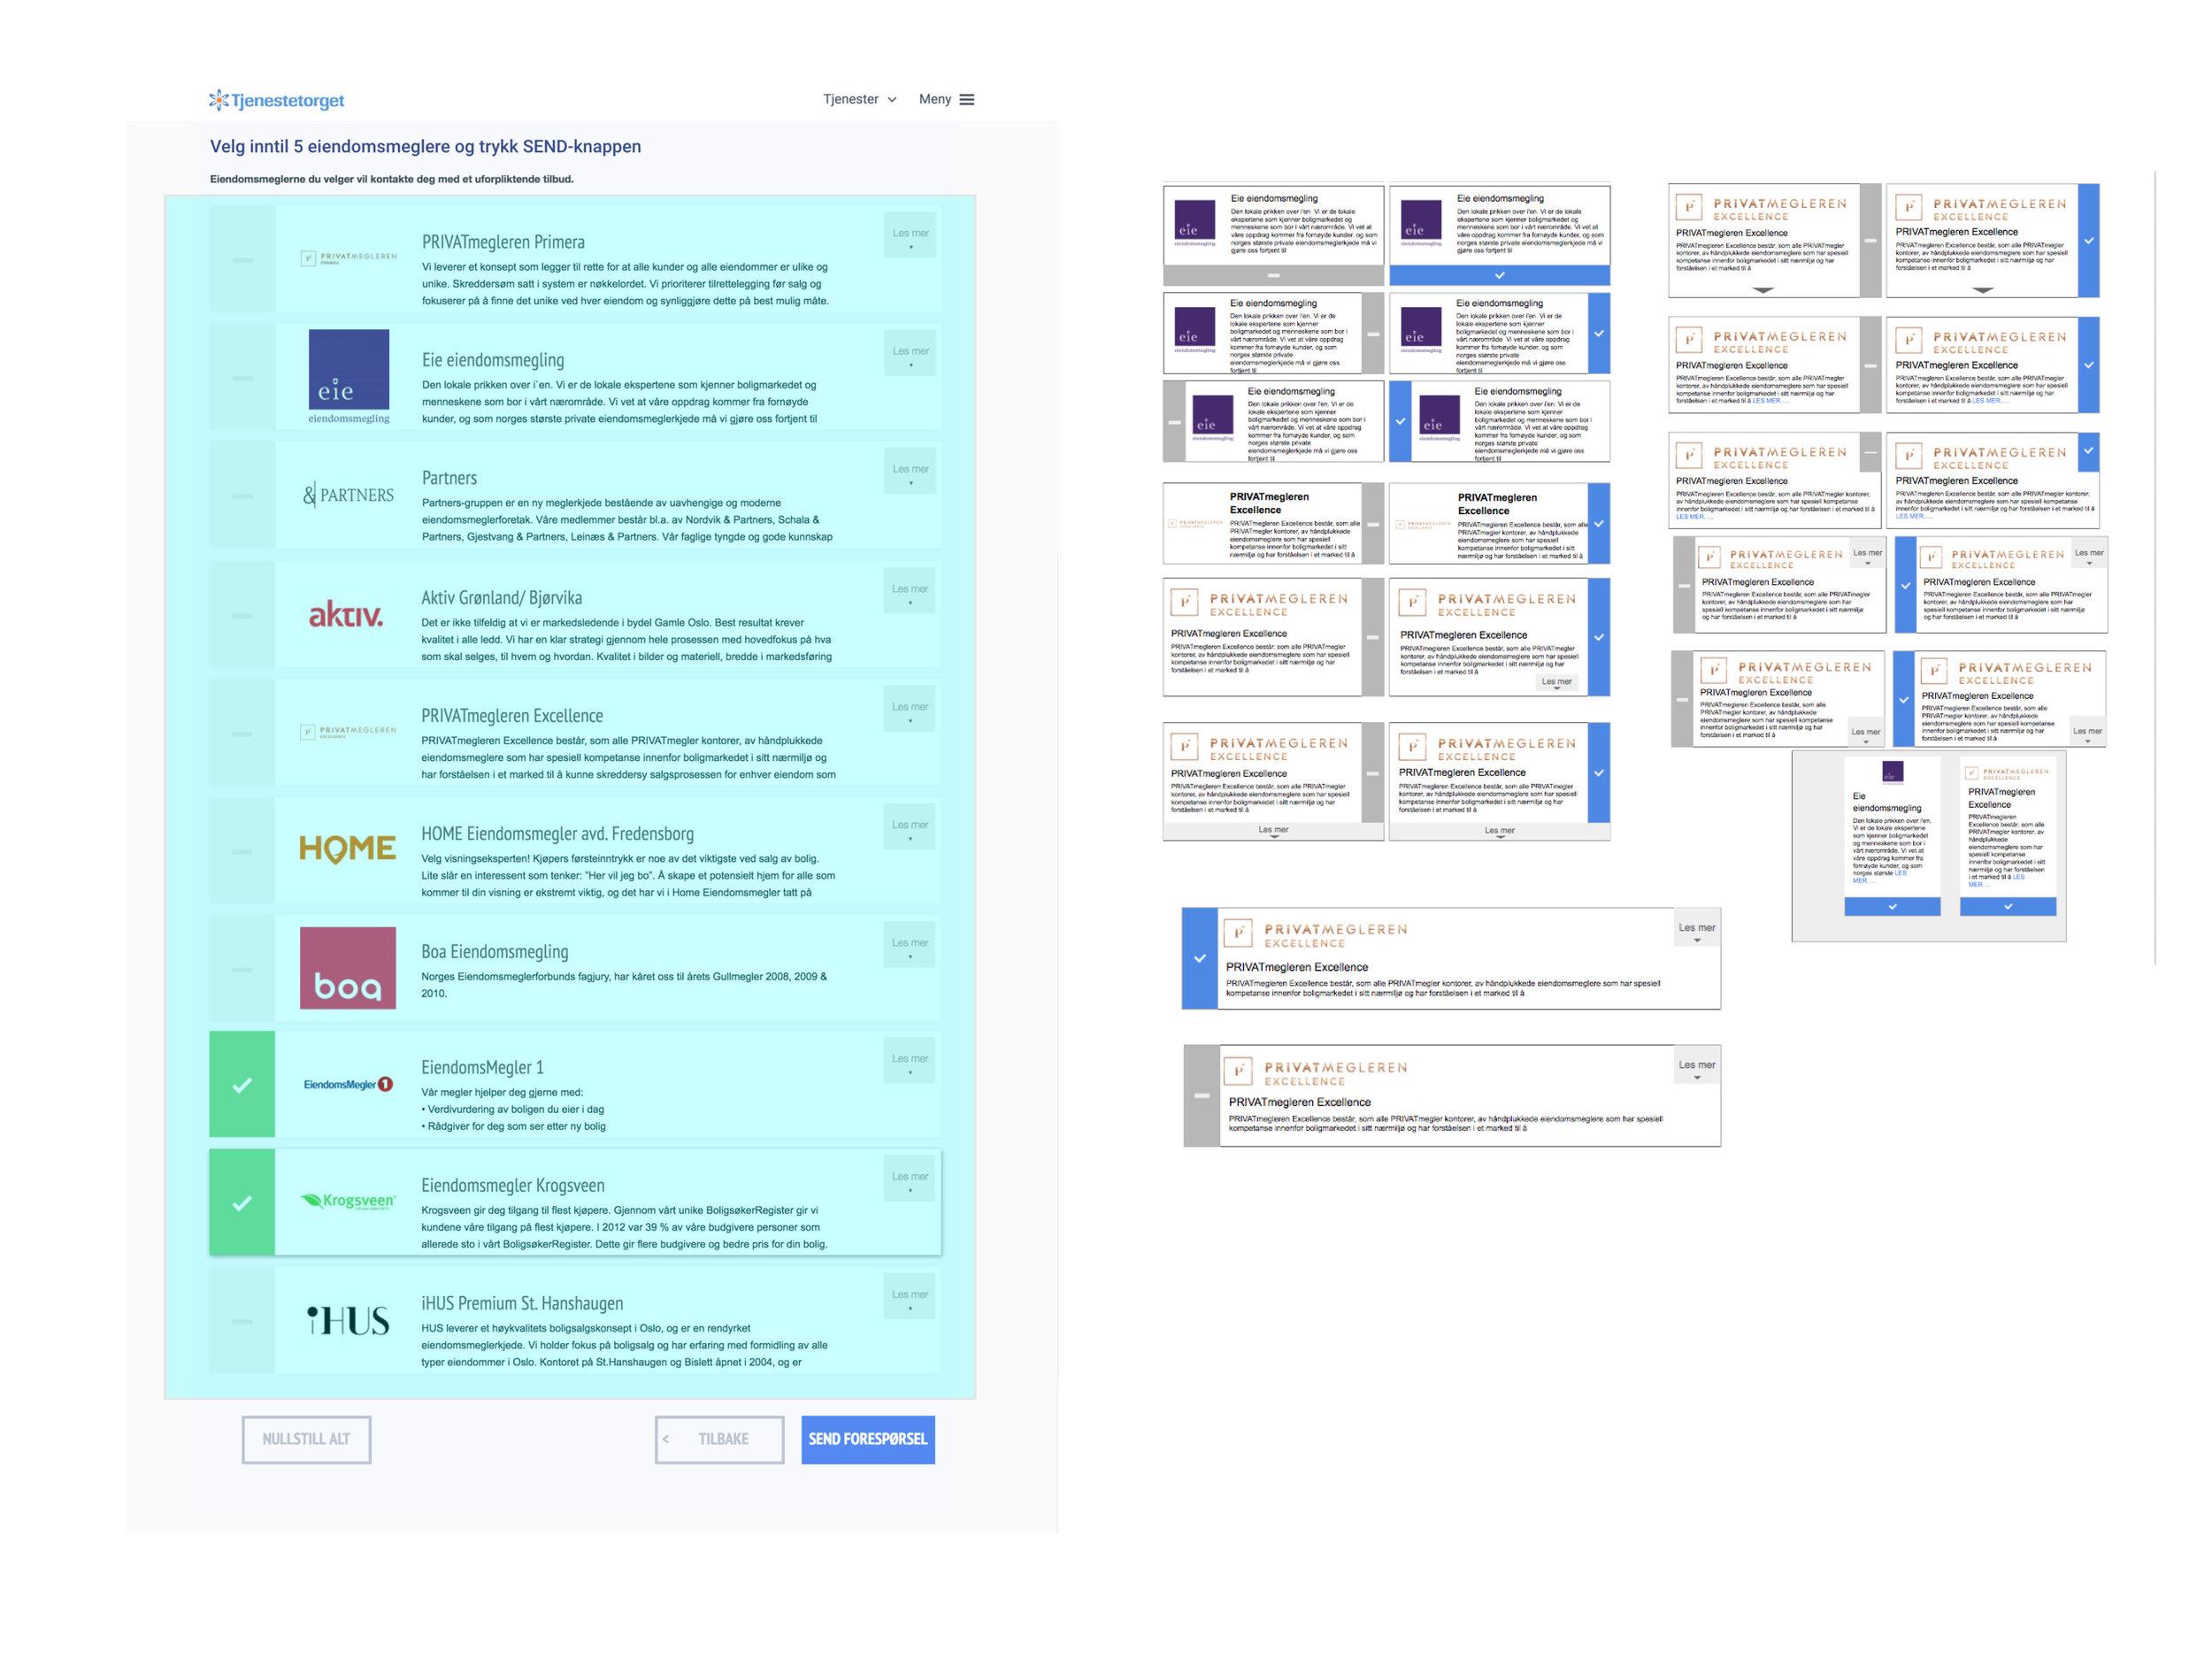 tjenestetorget oppgave presentasjon copy48.jpg